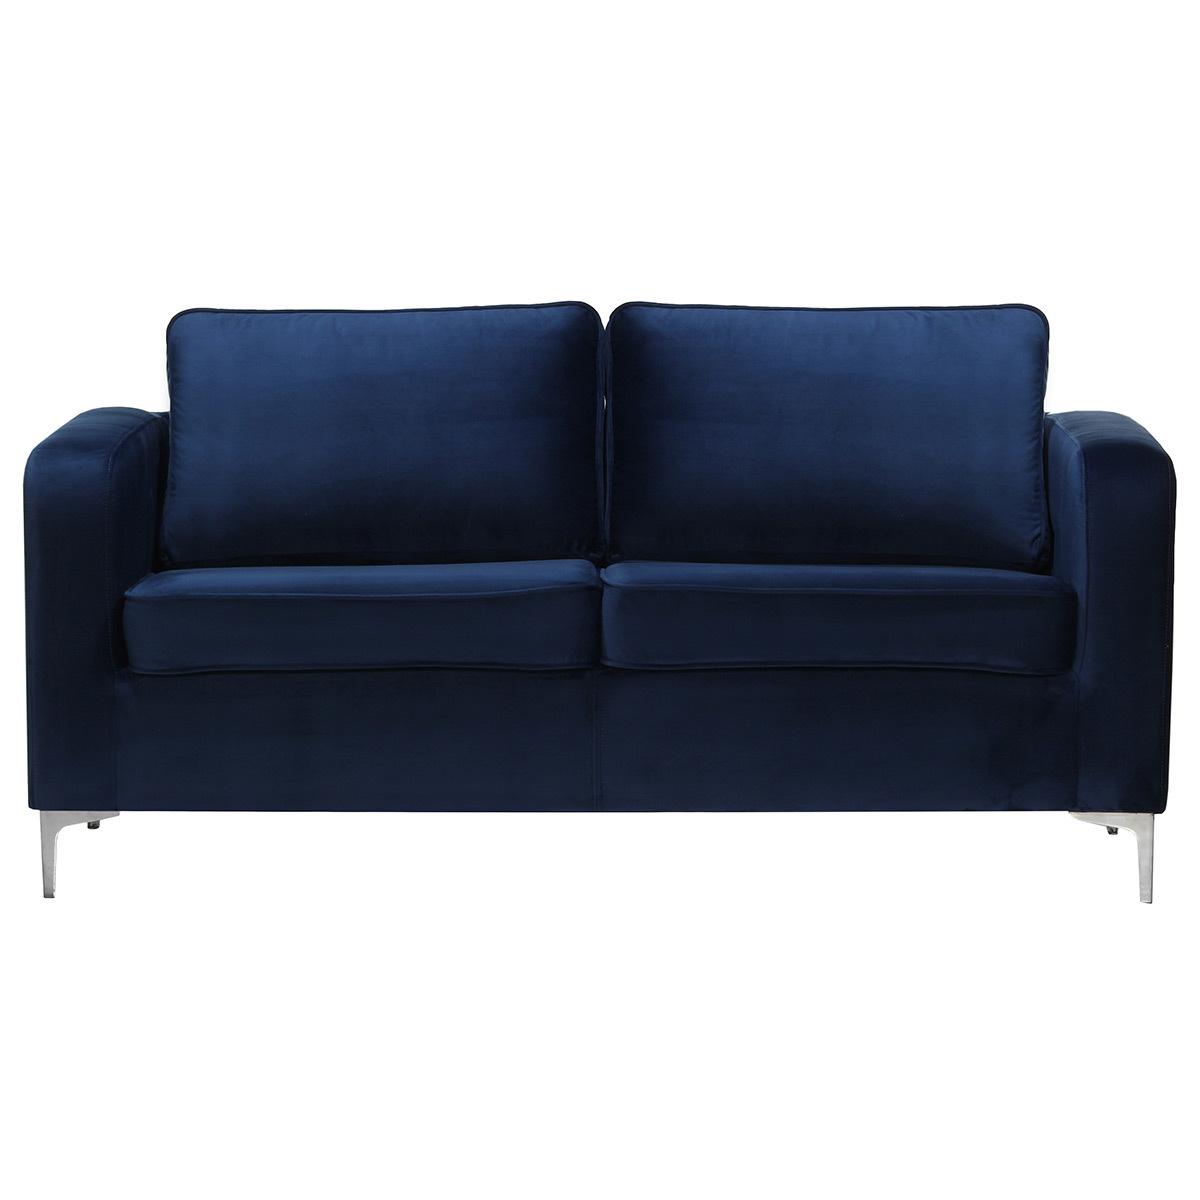 Divano a 3 posti design in velluto Blu scuro HARRY